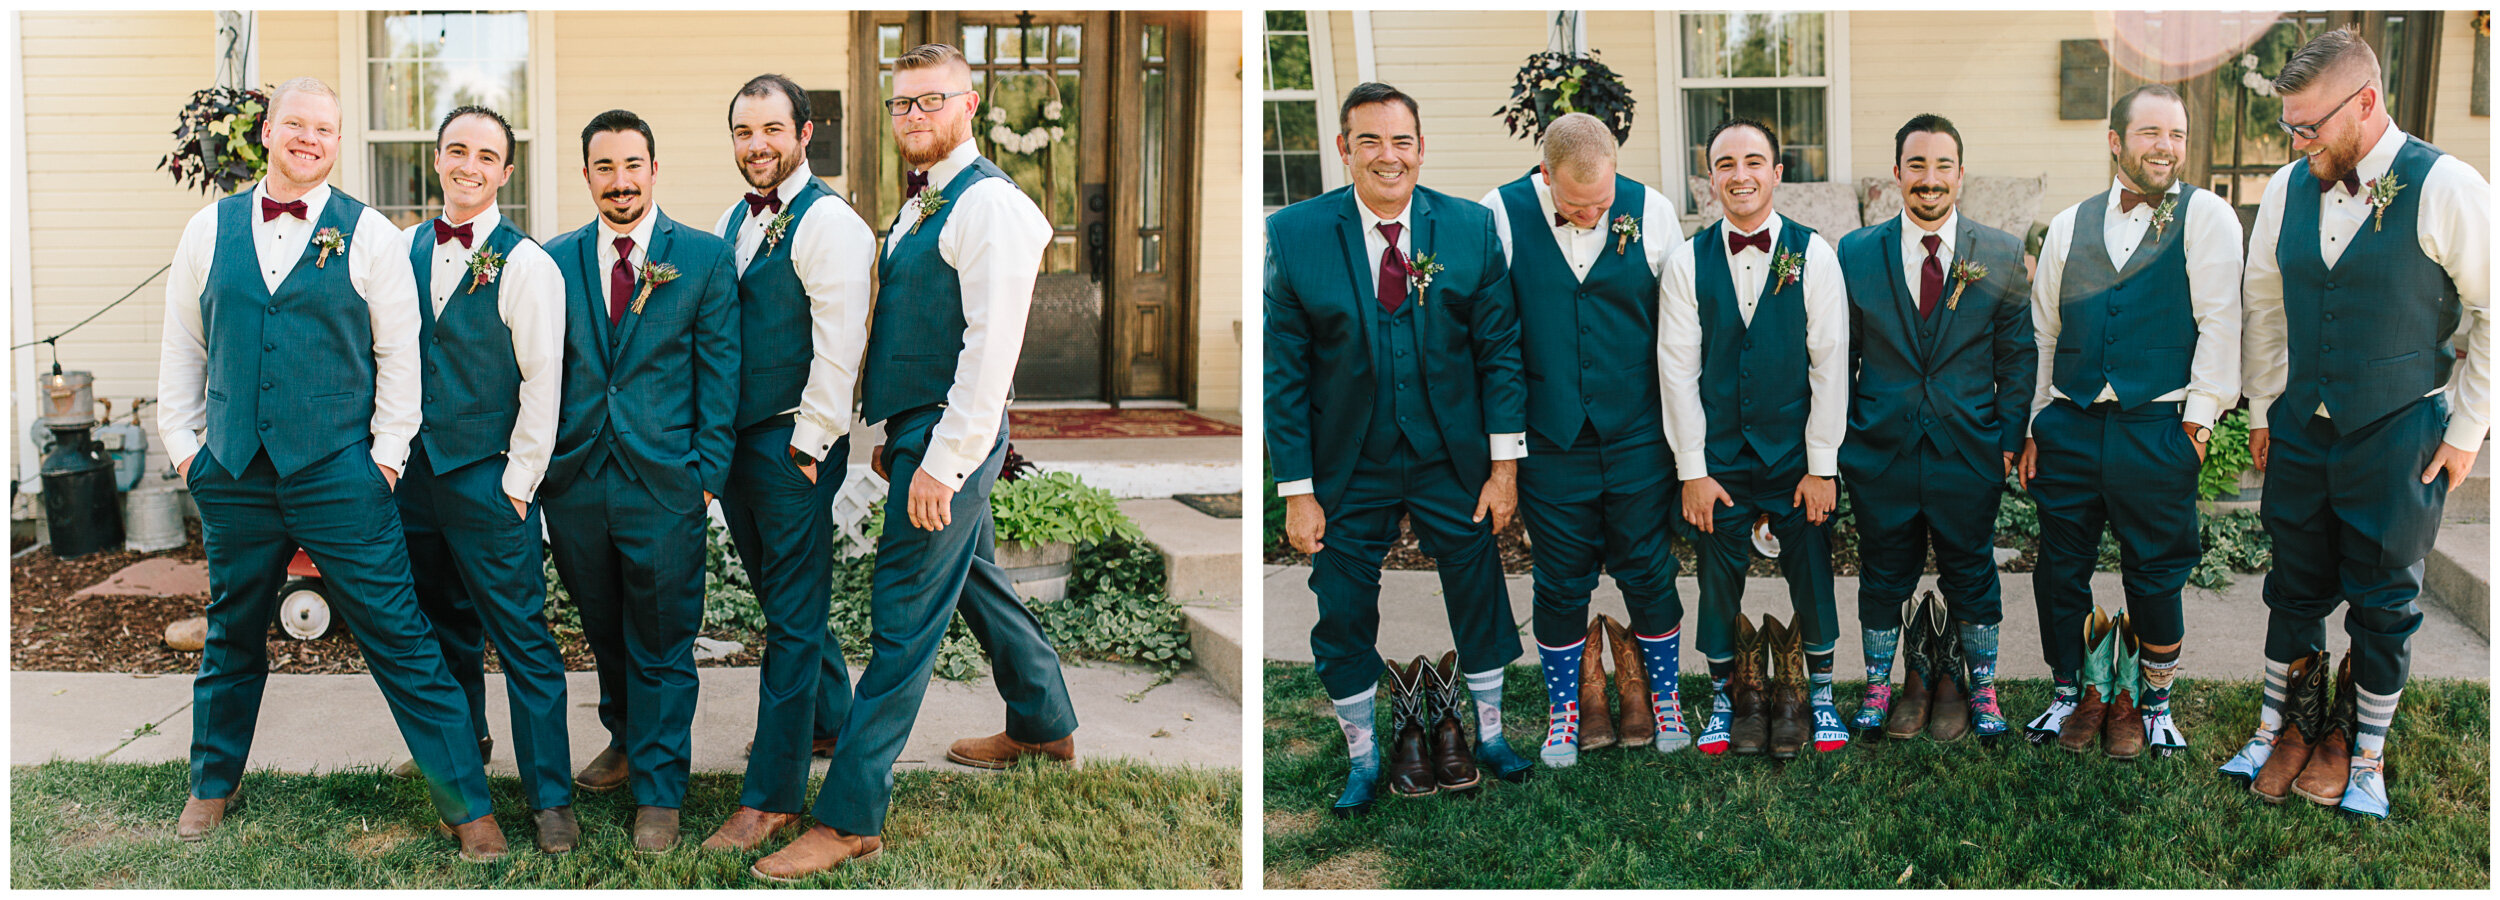 brighton_colorado_wedding_53.jpg